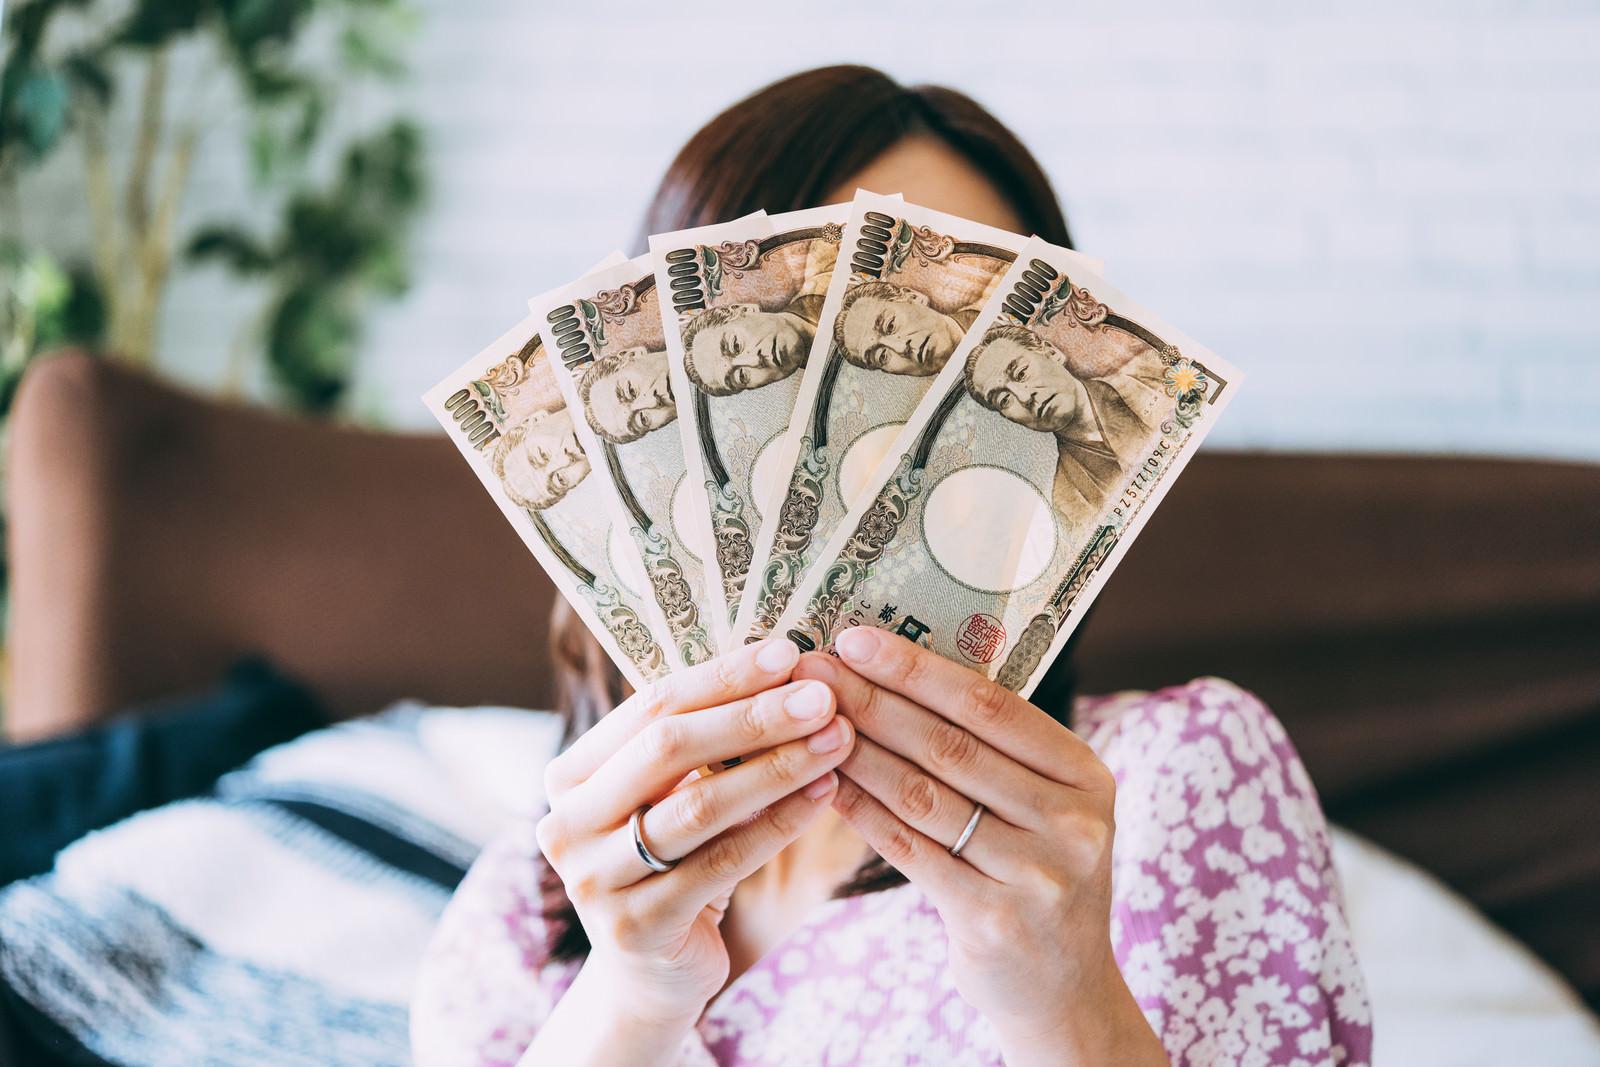 主婦が借金をする理由!妻に借金をさせないために必要なこと